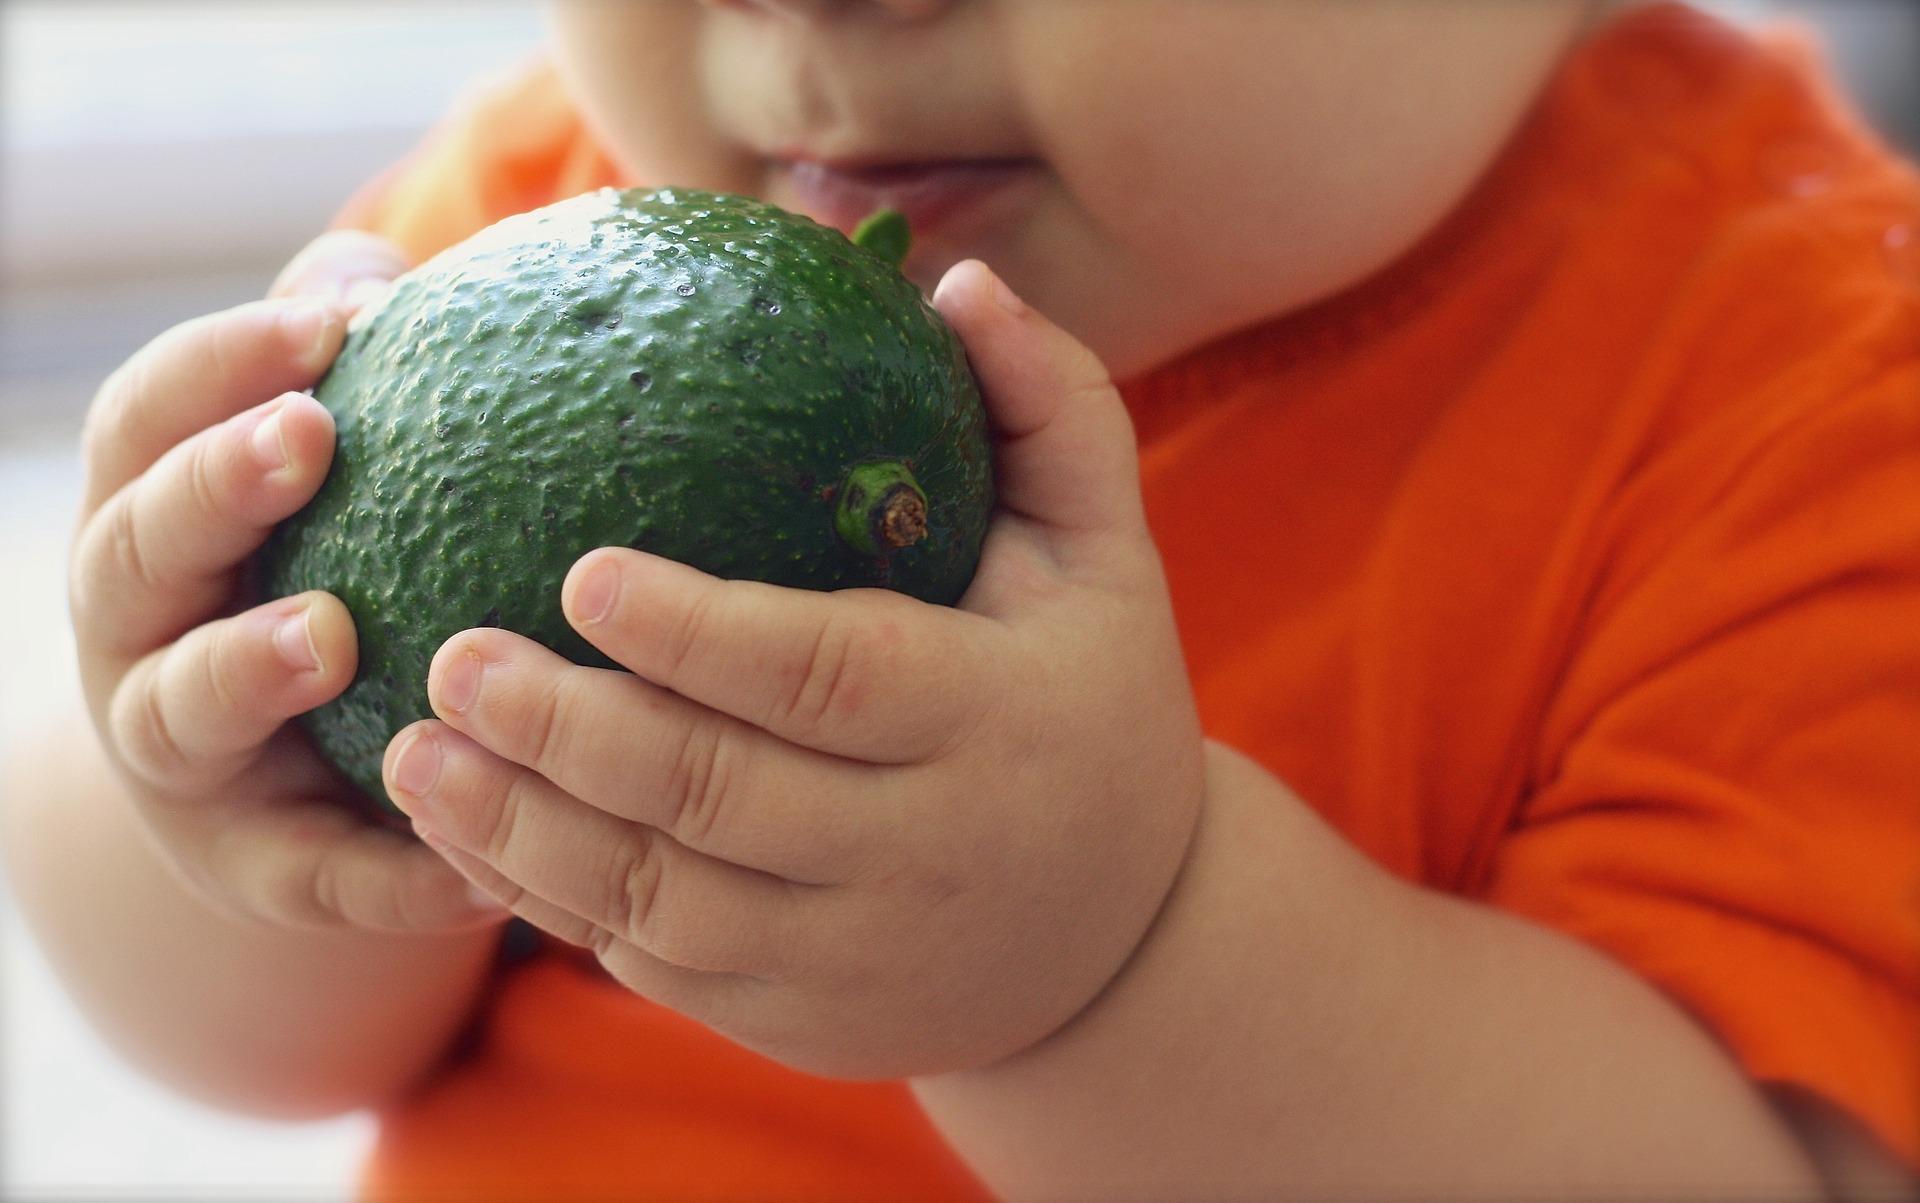 cand e cel mai bine sa hranesti copilul - sfatulparintilor.ro - pixabay-com - avocado-1476493_1920